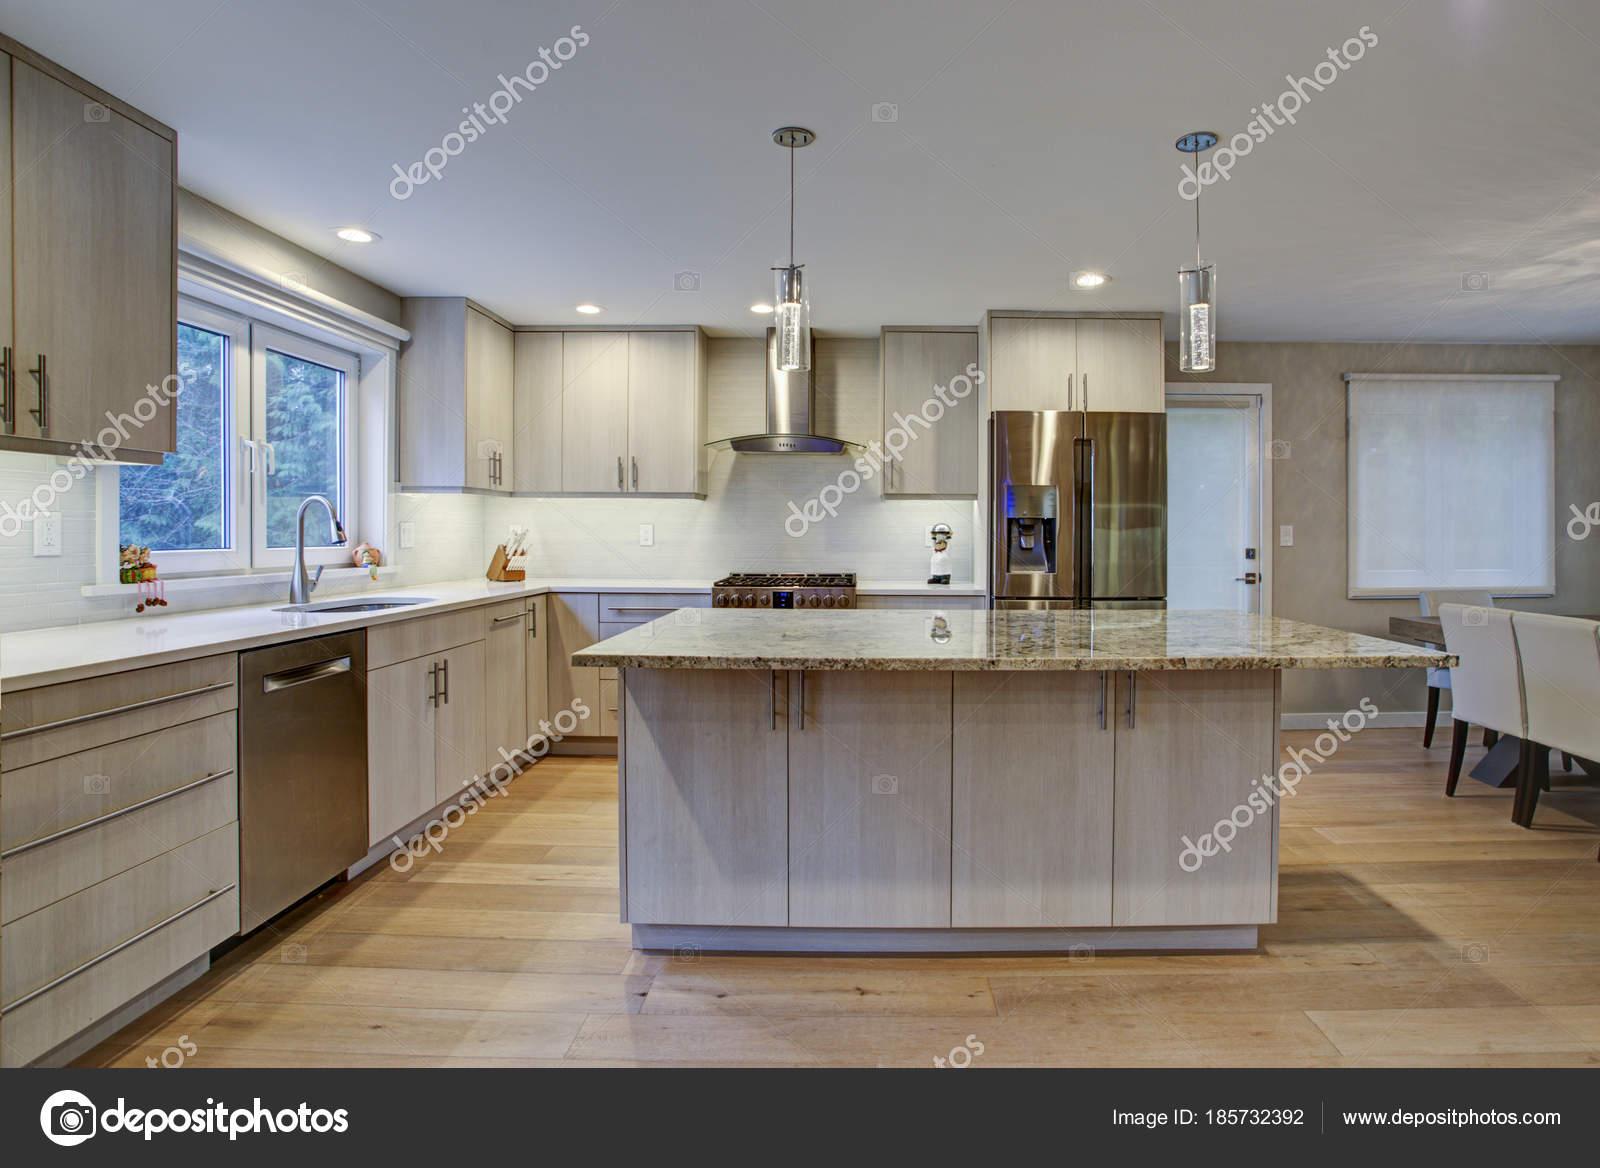 Schöne Küche mit Kochinsel — Stockfoto © alabn #185732392